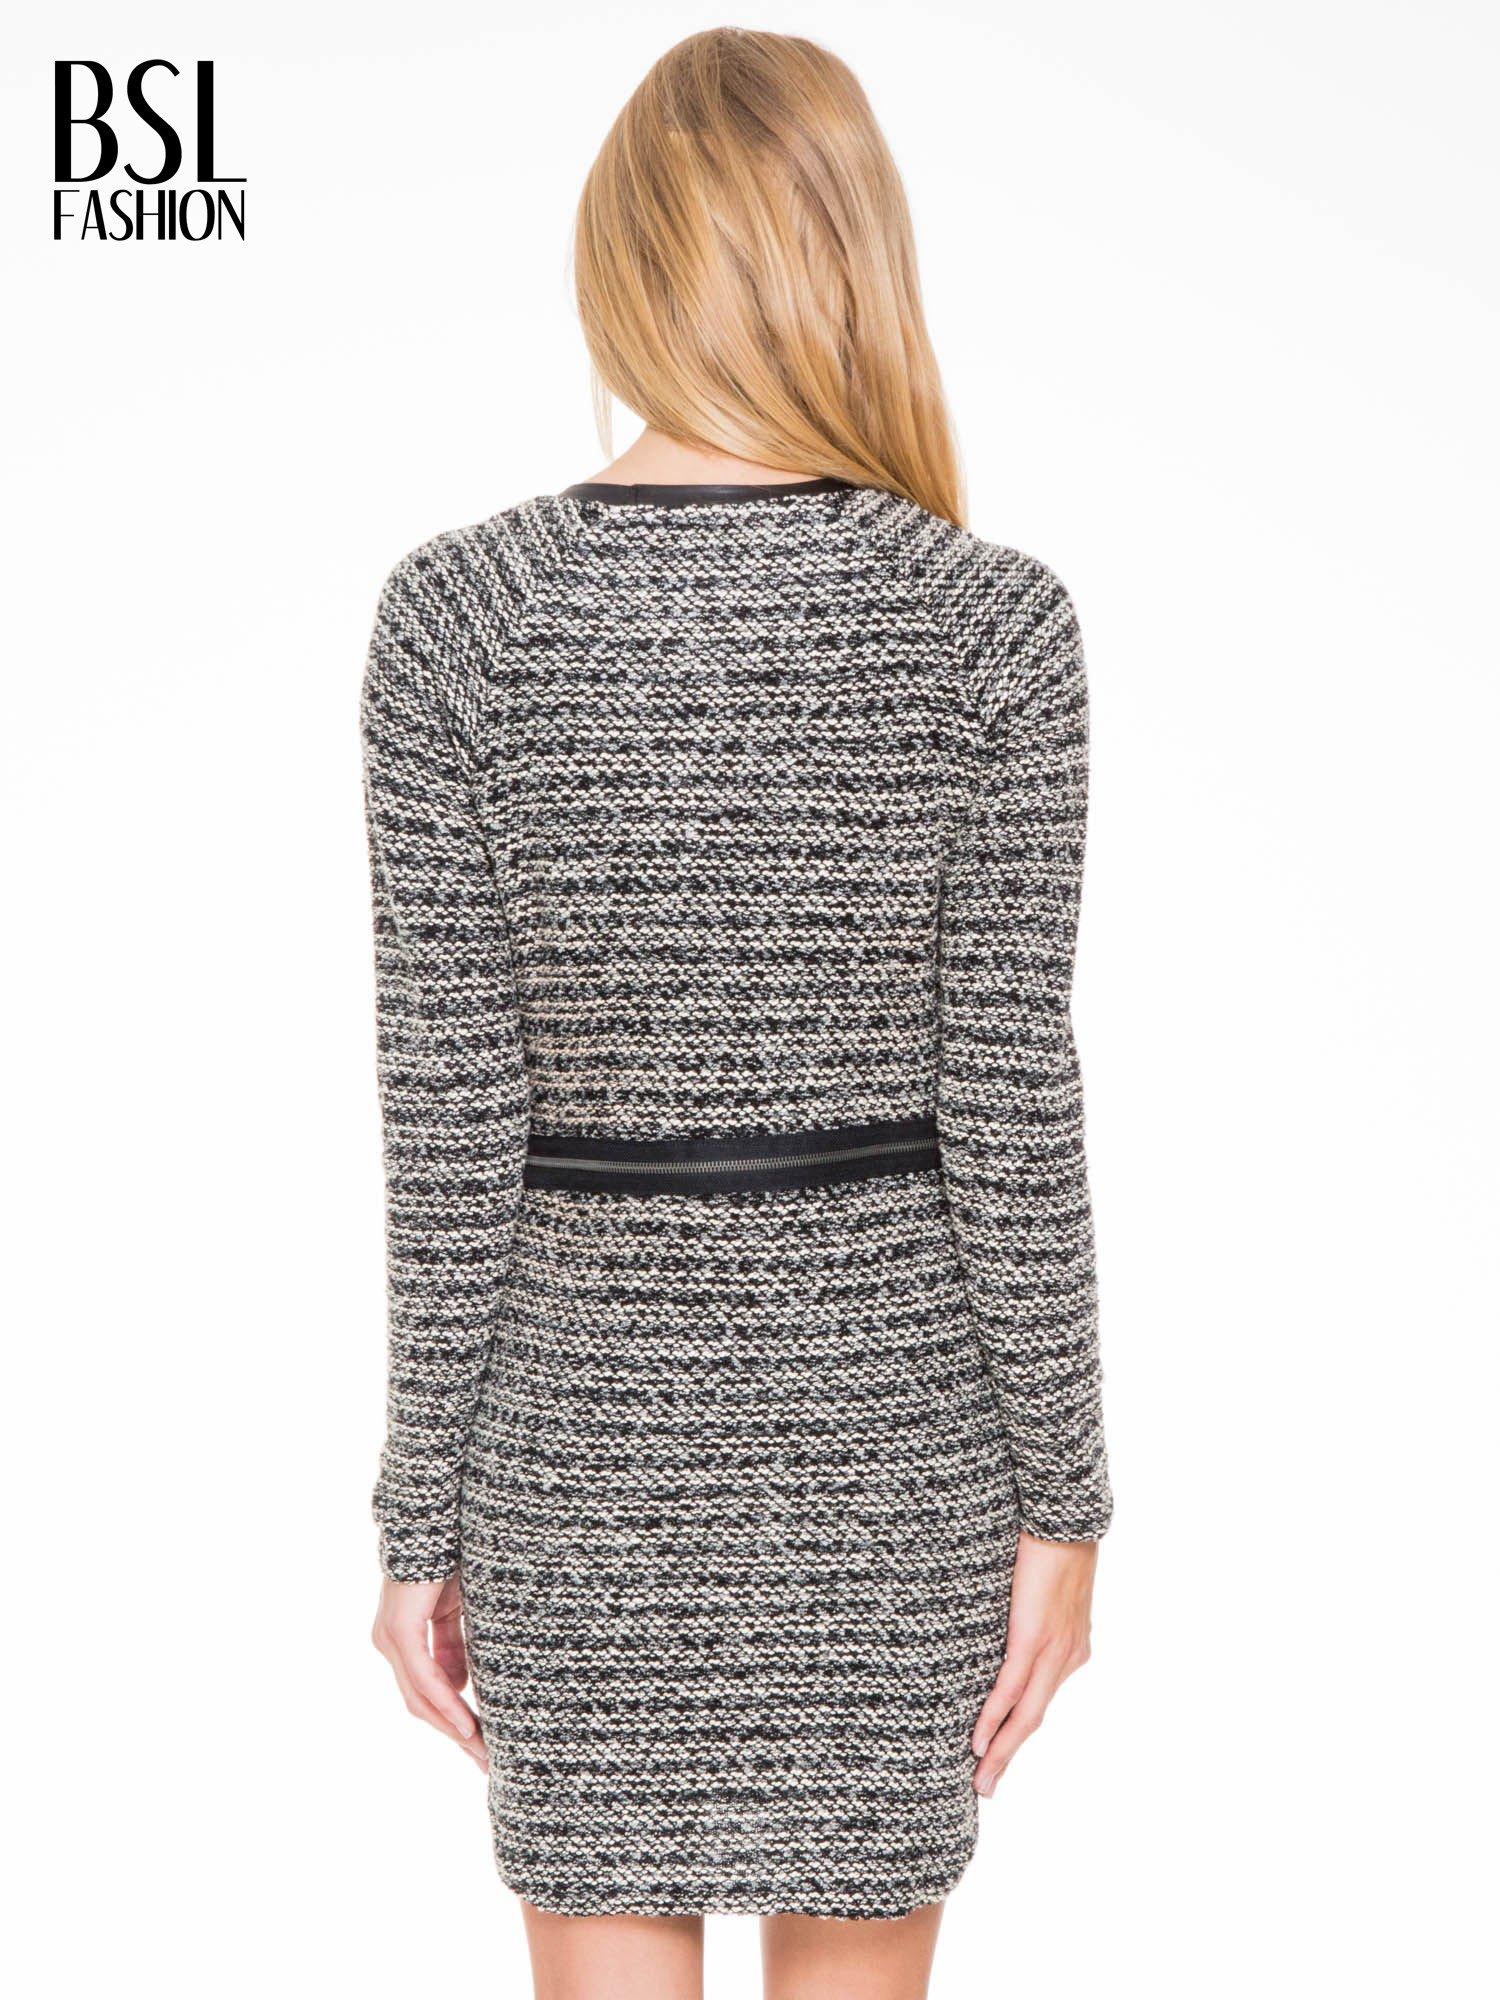 Czarna tweedowa sukienka w stylu Chanel                                  zdj.                                  4